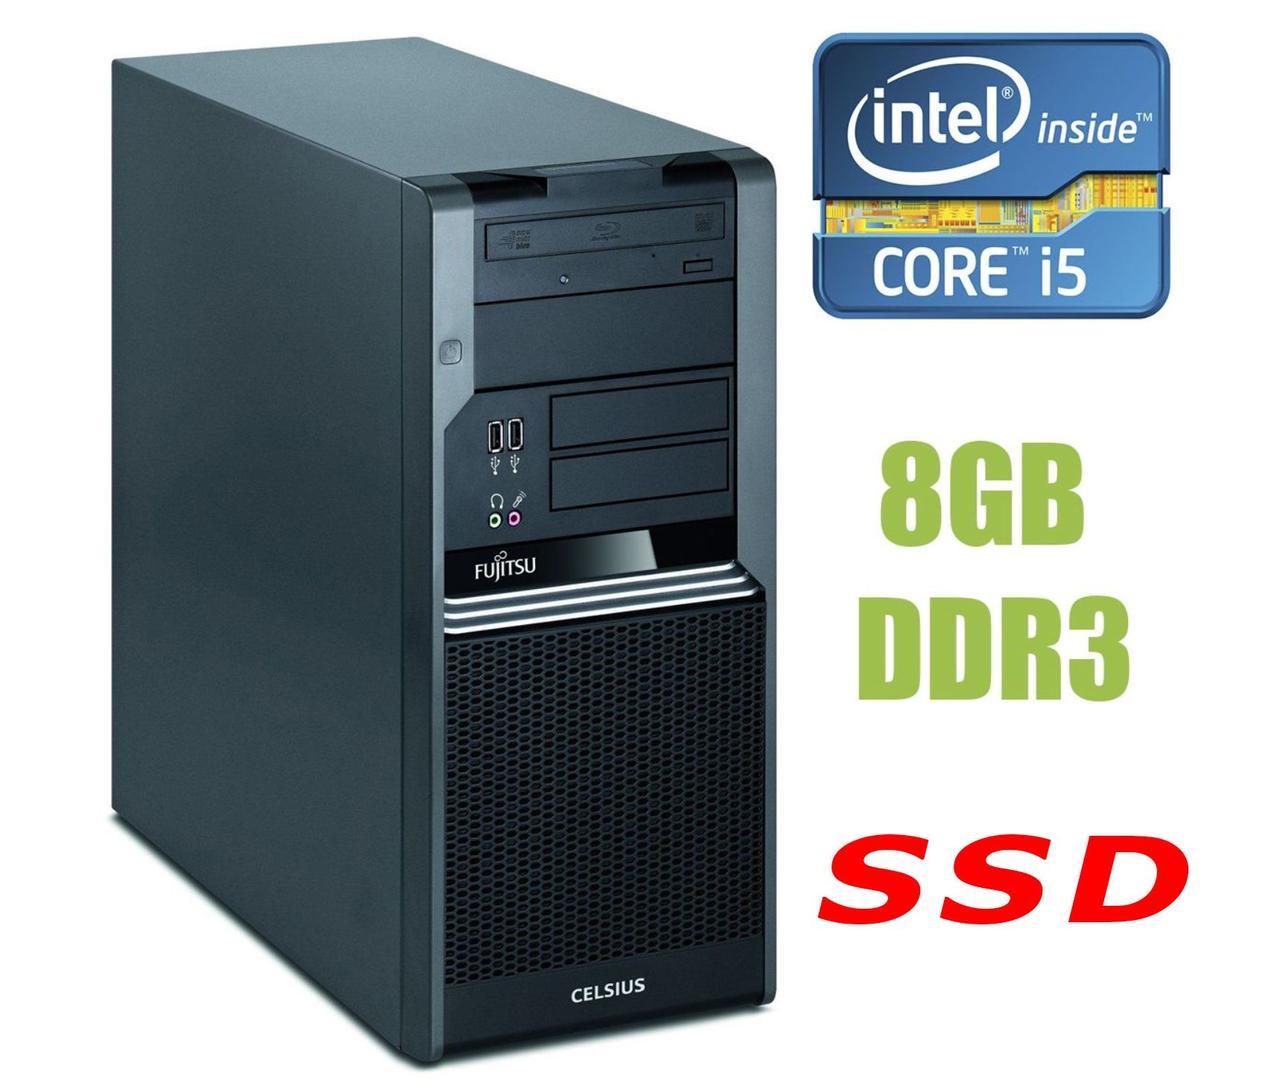 Fujitsu Celsius W380 MT / Intel Core i5-650 (2(4) ядра по 3.2 - 3.46GHz) / 8GB DDR3 / 120GB SSD